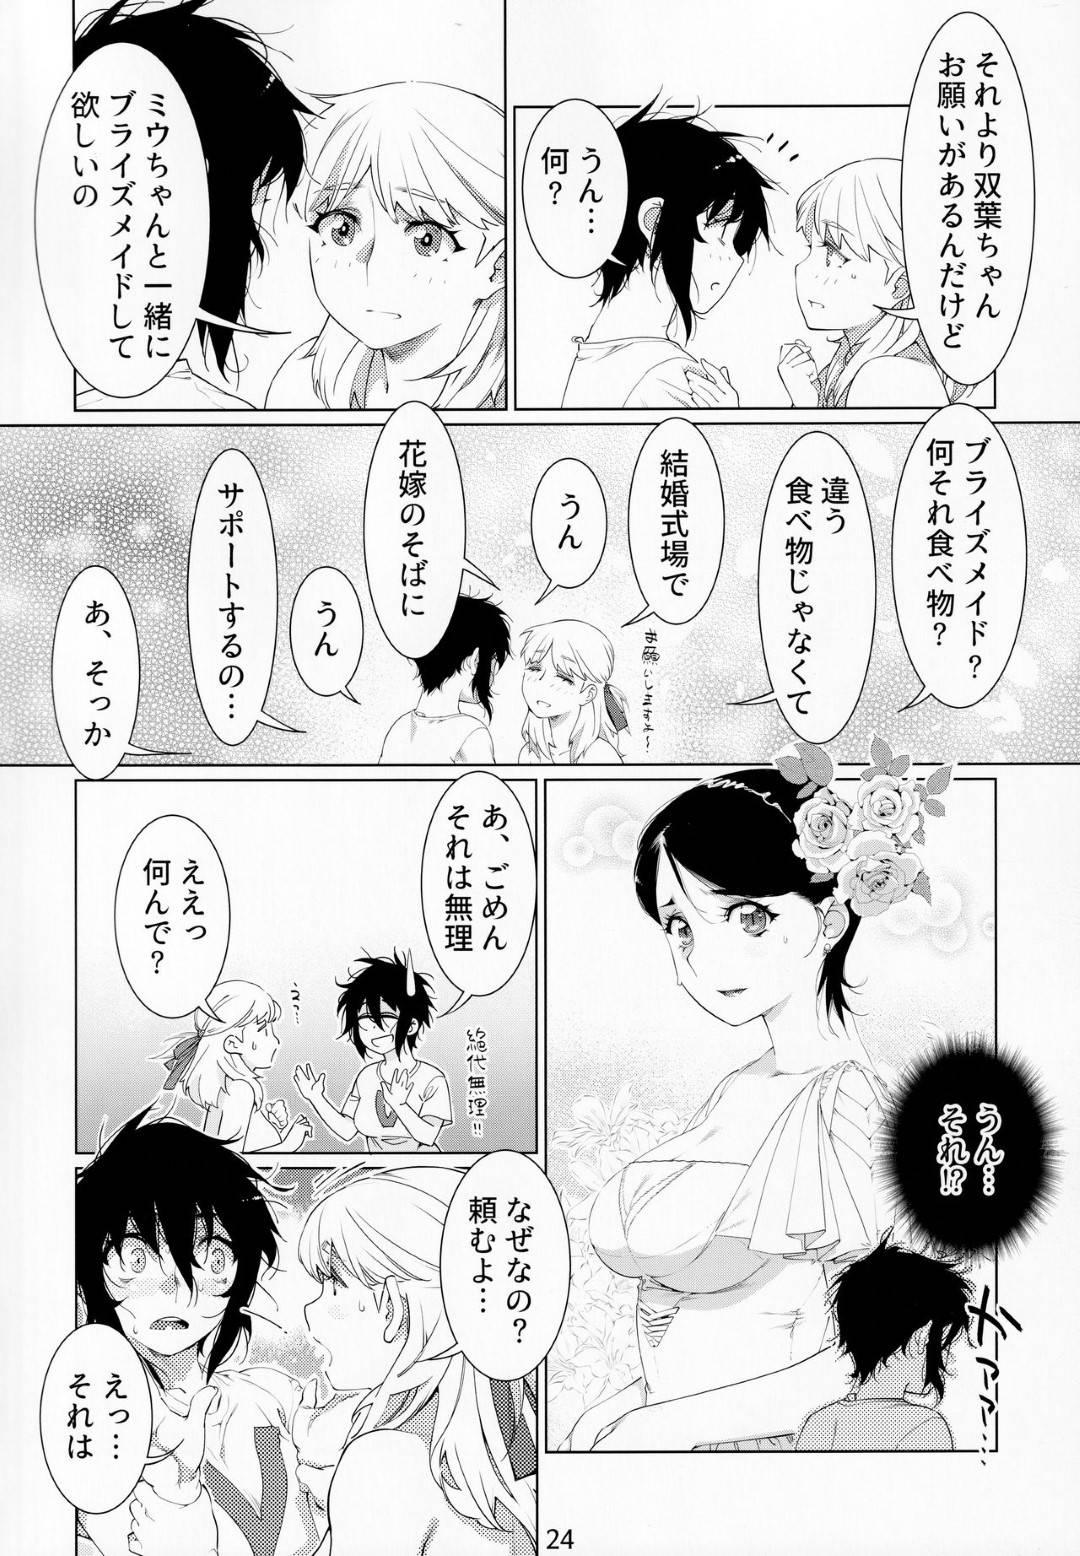 【ふたなりエロ漫画】ふたなり妹は、大好きな姉に手コキやフェラで抜いてもらう【広川】